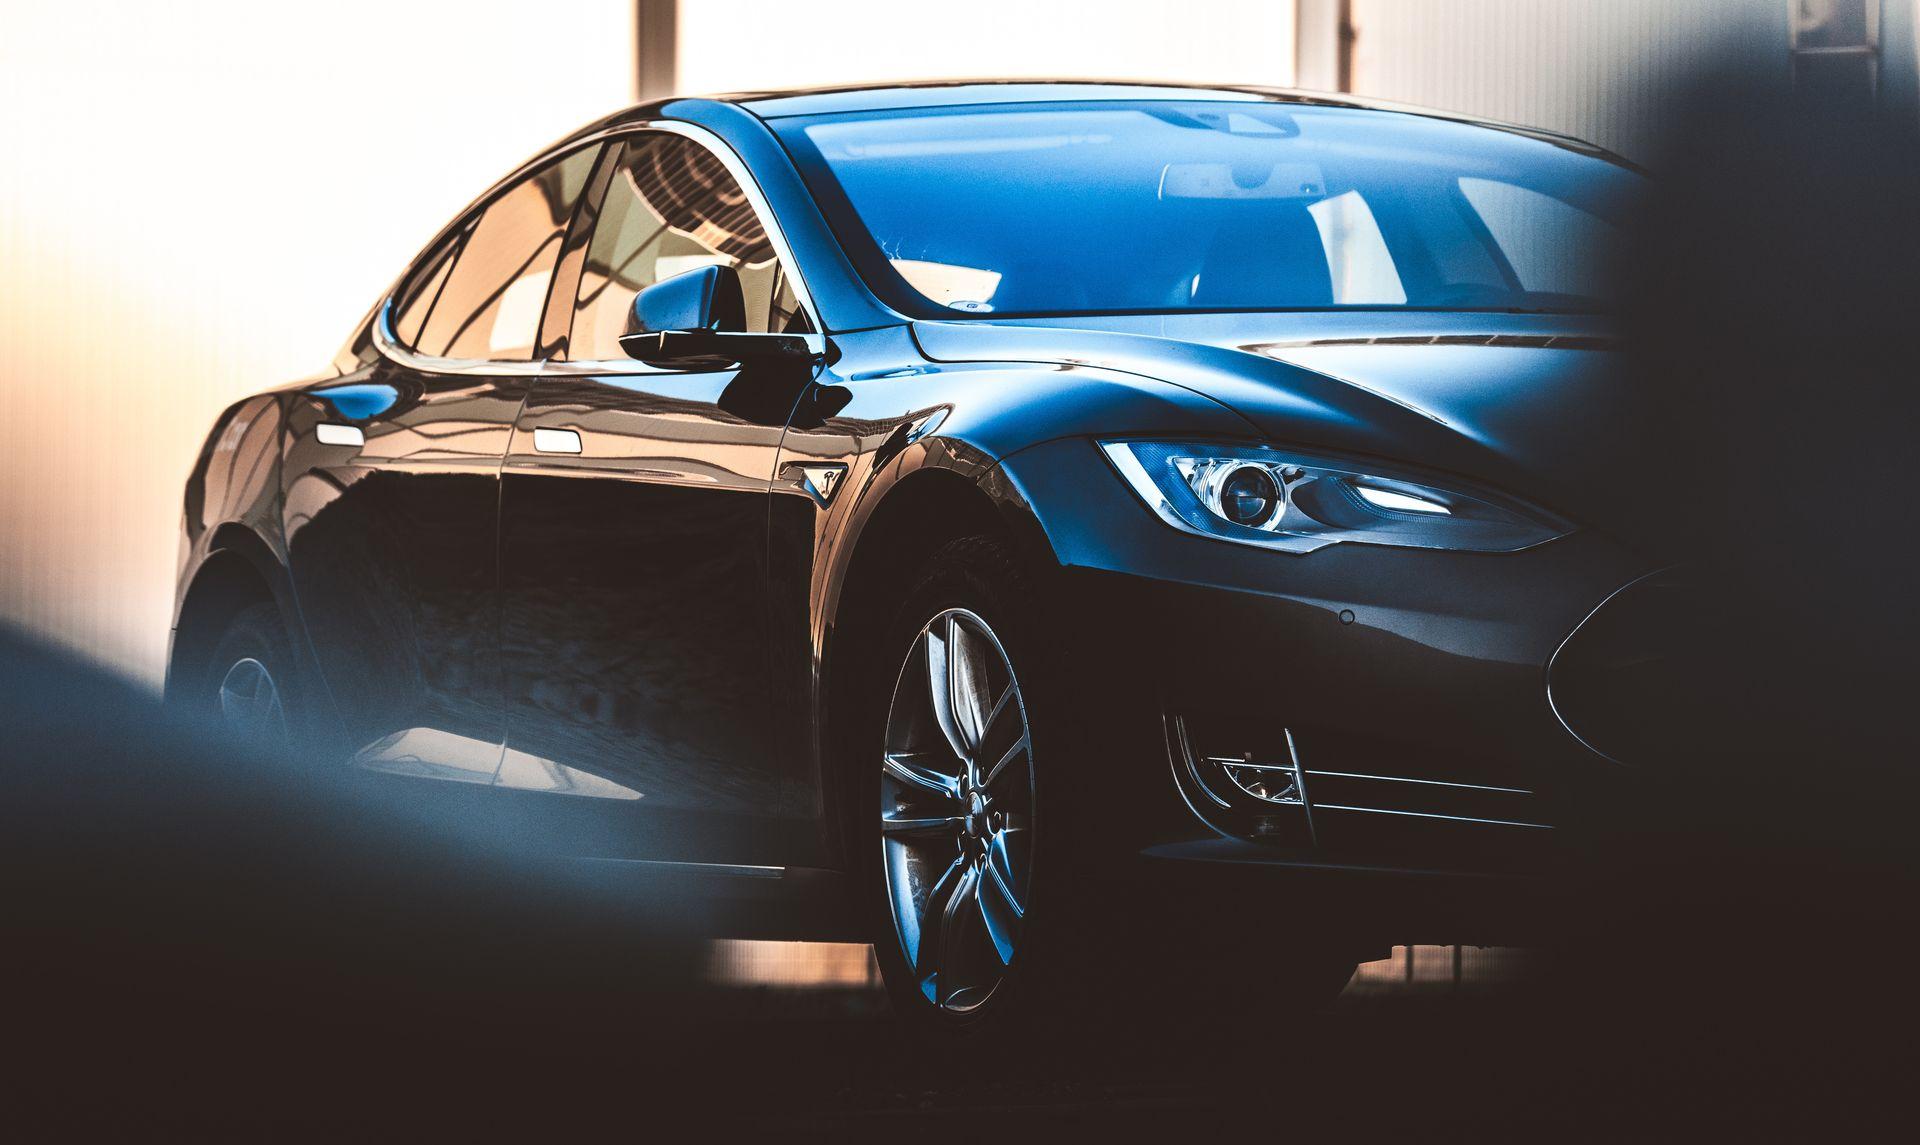 U Tesla ogolosyly pro znyžennja cin na avto